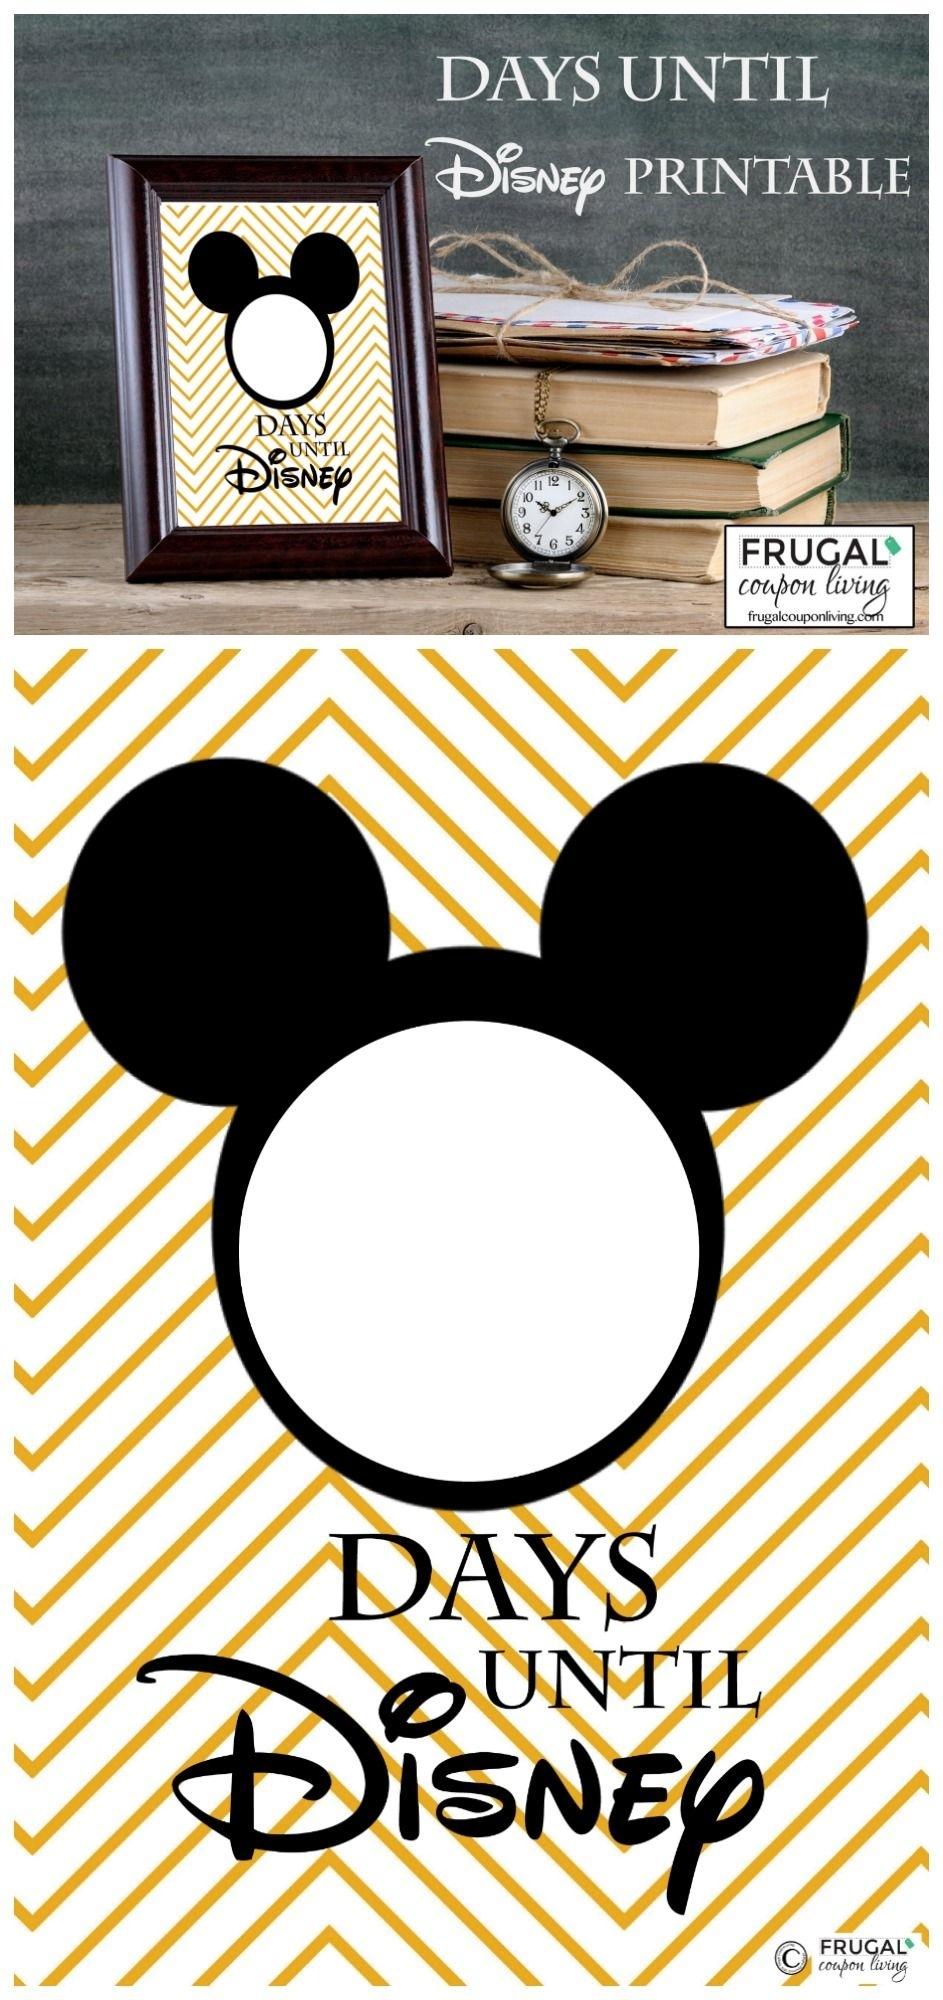 Free Countdown To Disney Printable   Disney Countdown Dashing Printable Count Down To Disney